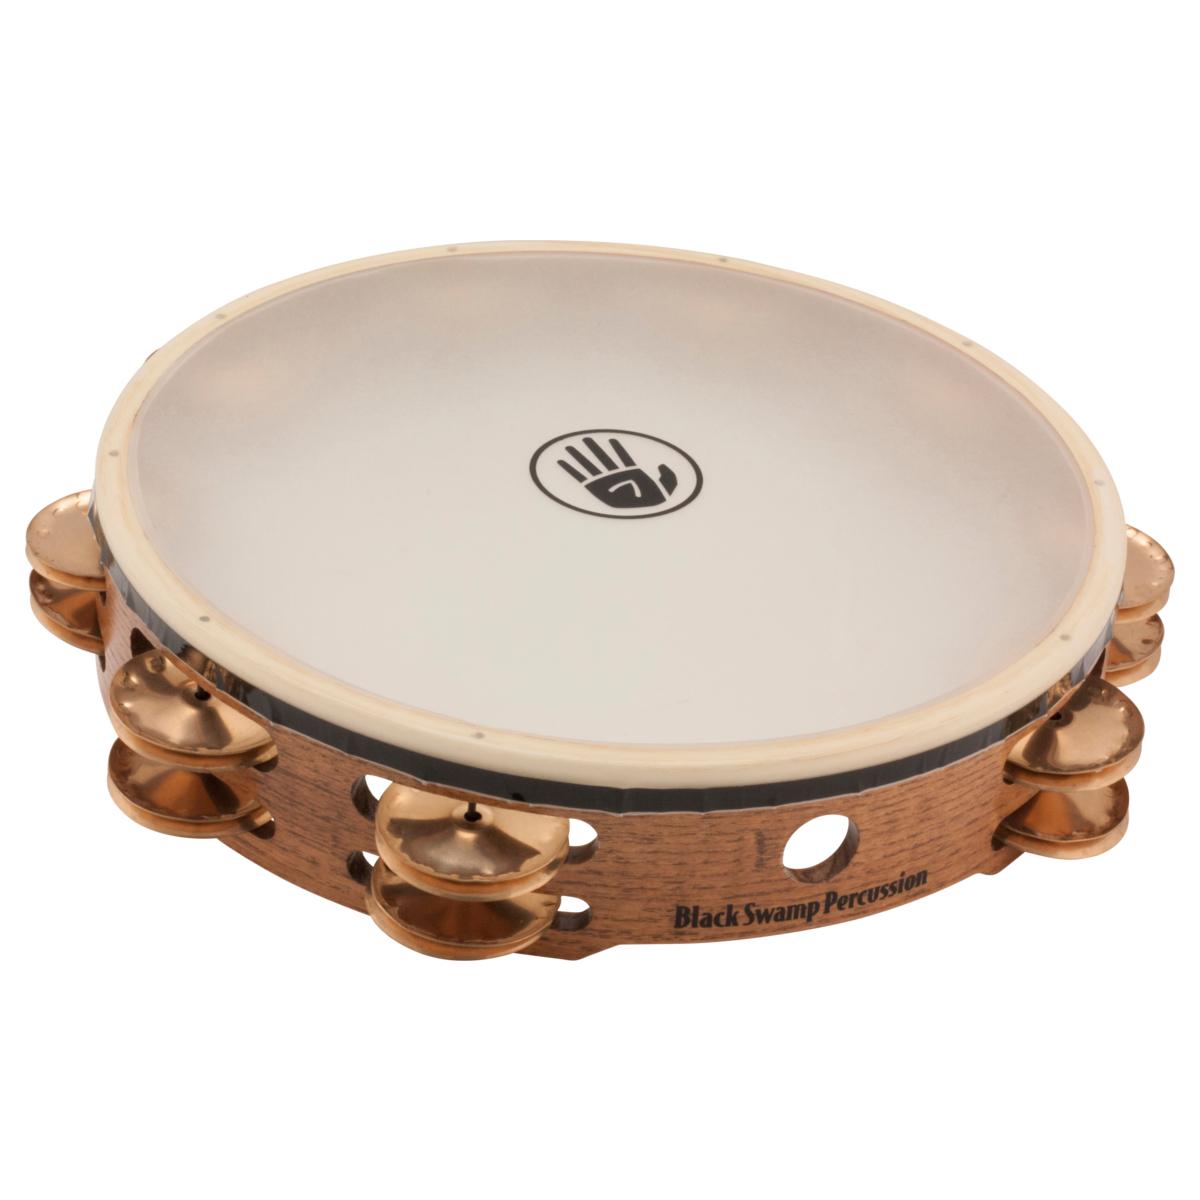 Black Swamp Percussion Tambourine TD4-S Beryllium Copper